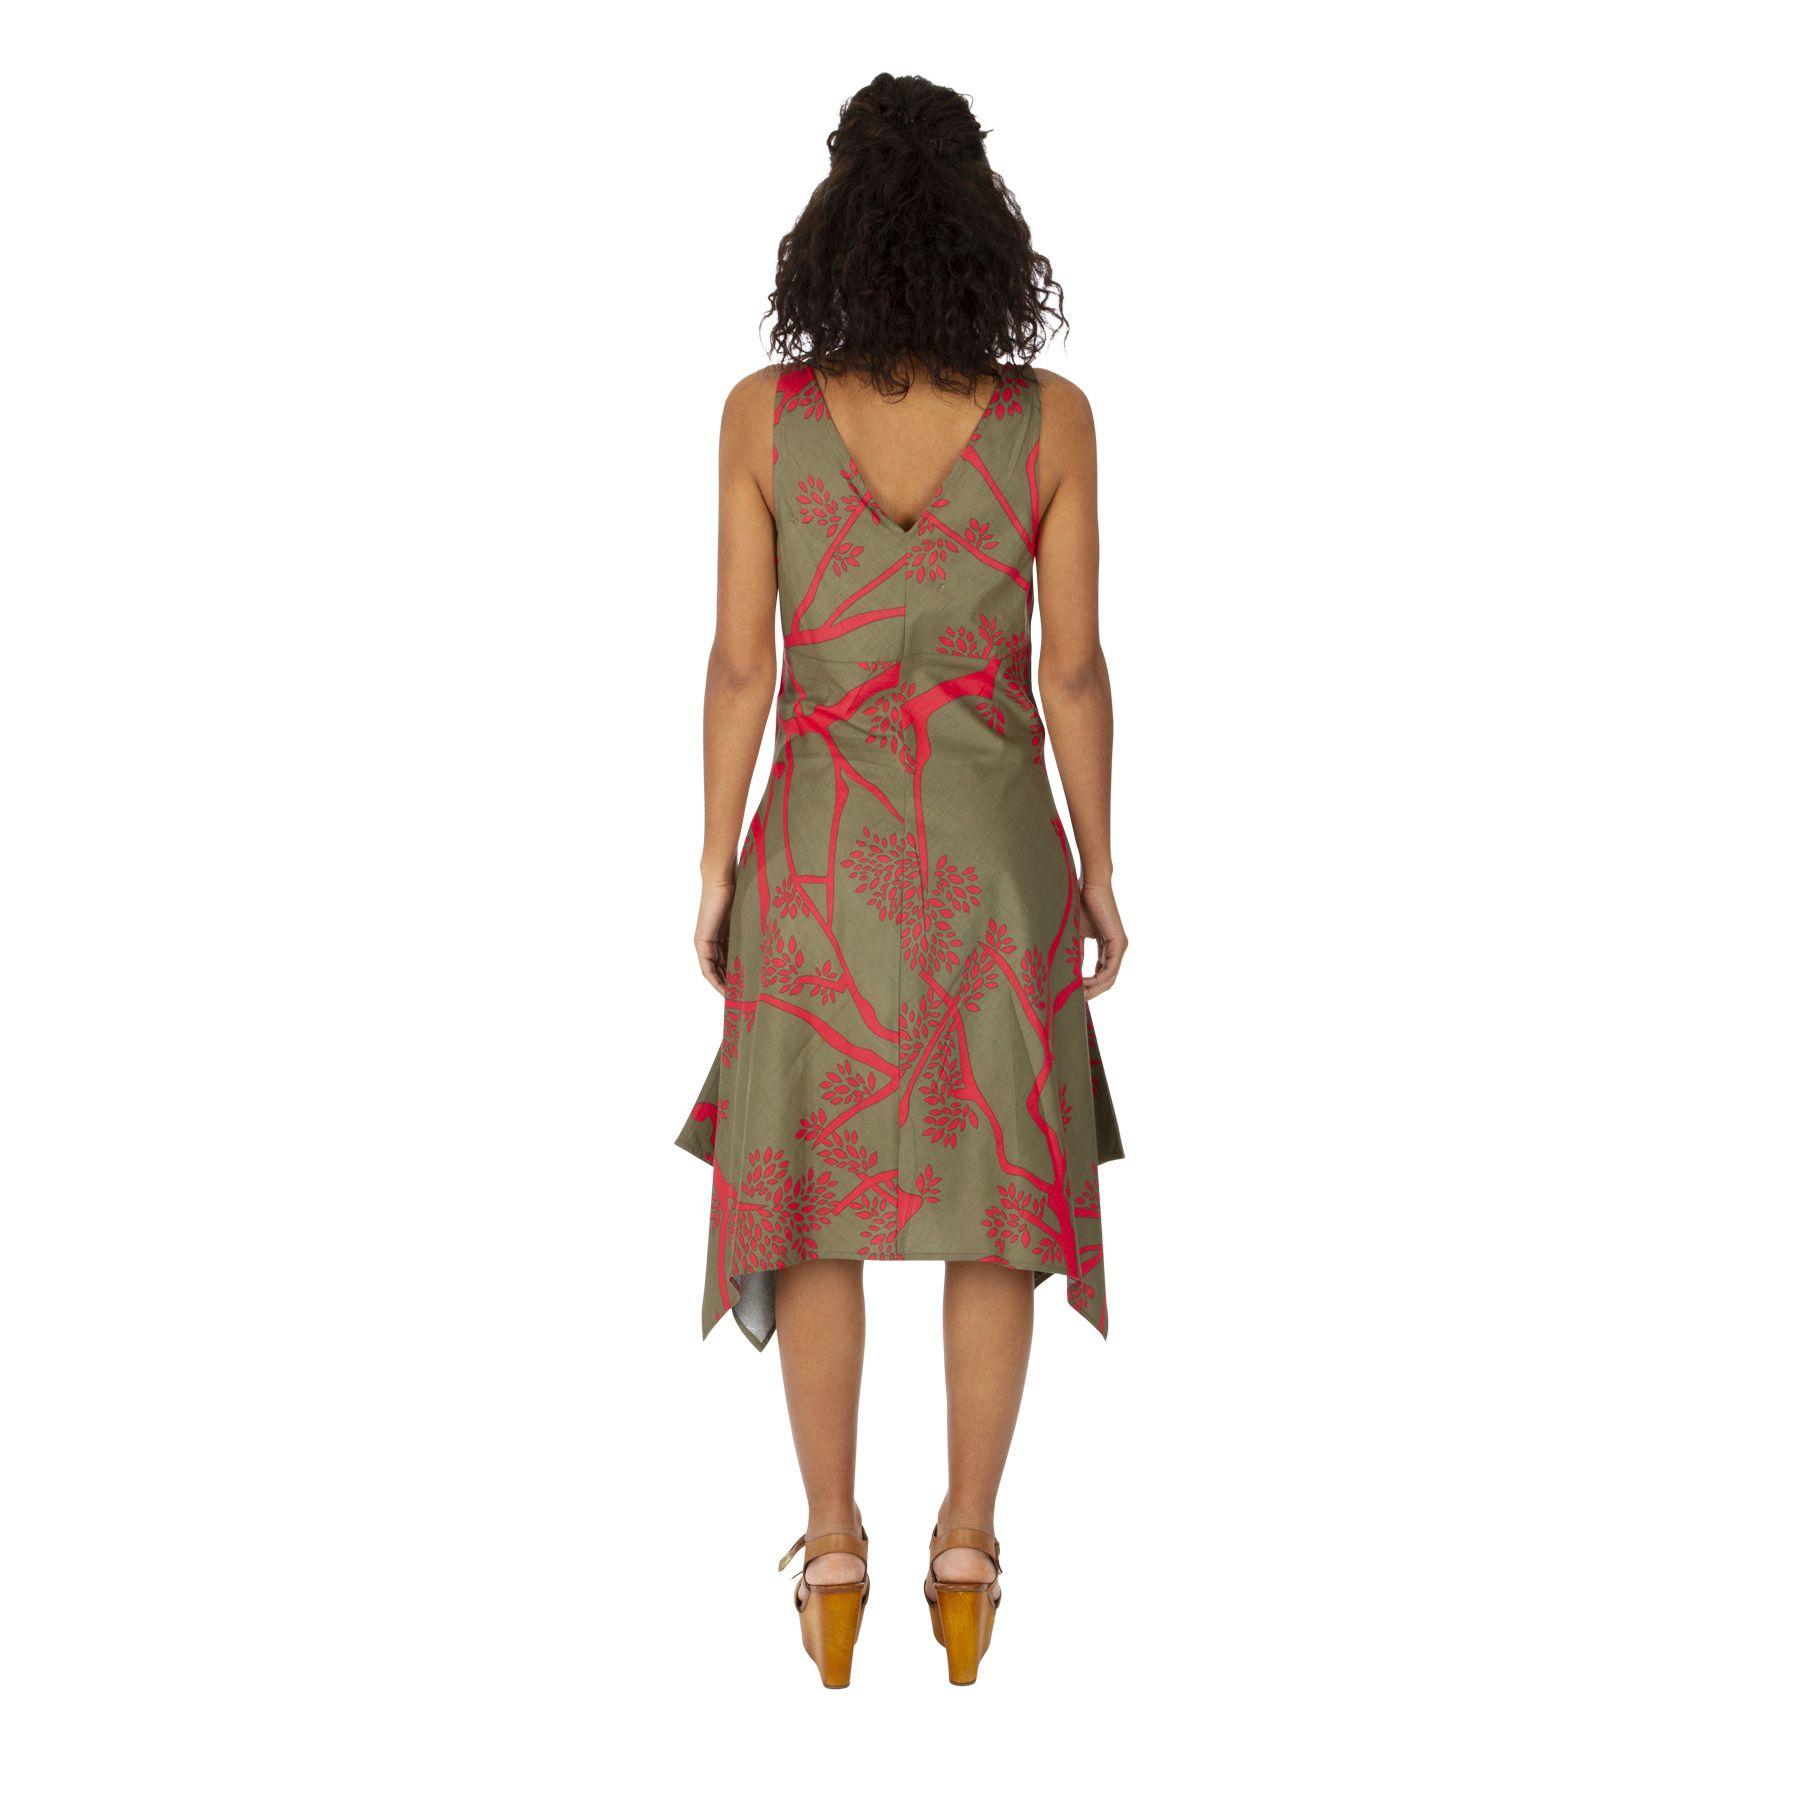 Robe asymétrique mi longue imprimé fleuri original Coline